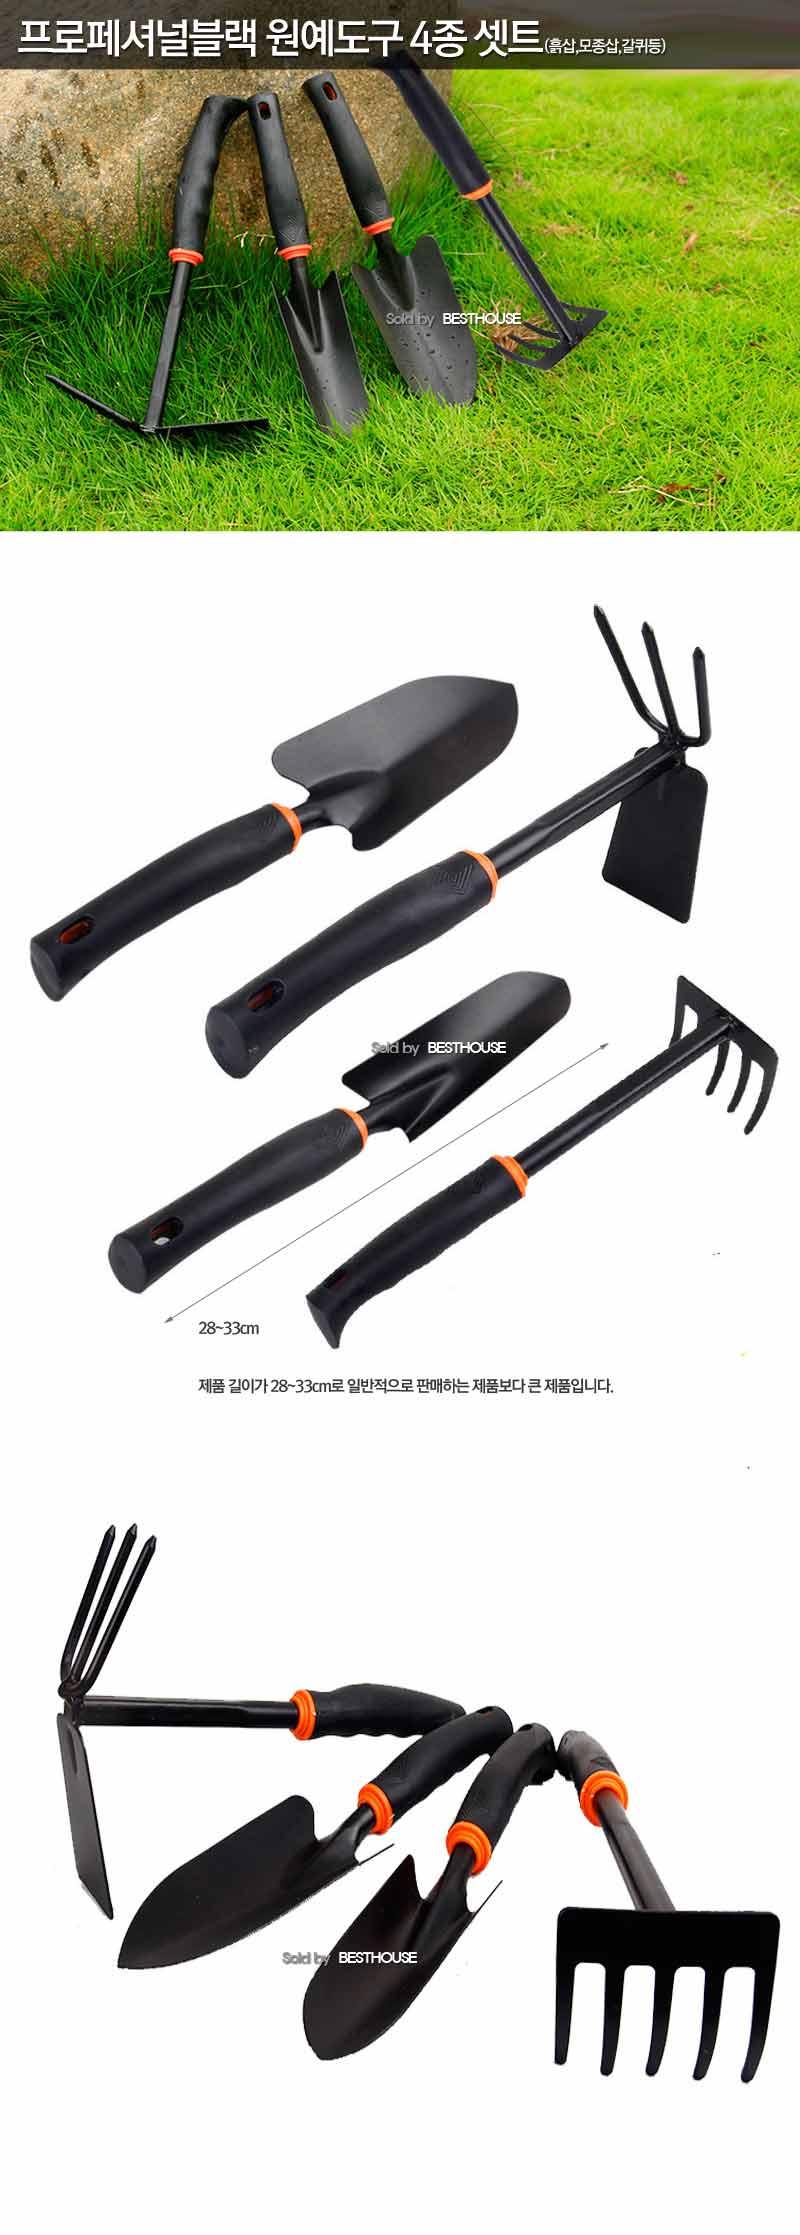 베하.프로페셔널블랙 원예도구 4종 셋트 (흙삽,모종삽,꽃삽,갈퀴등)